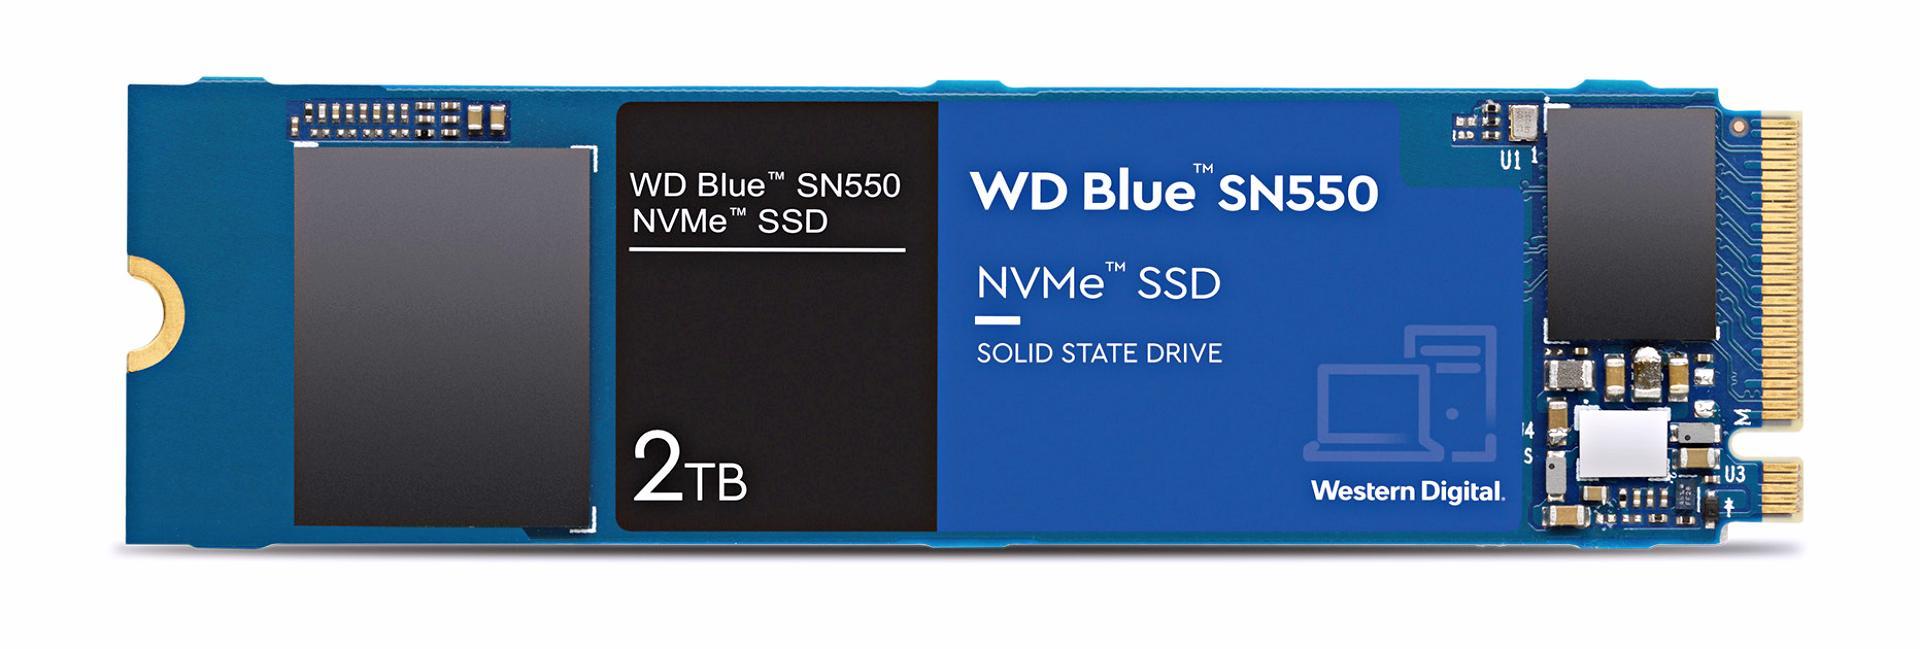 [웨스턴디지털_이미지] WD 블루 SN550 NVMe SSD 2TB.jpg